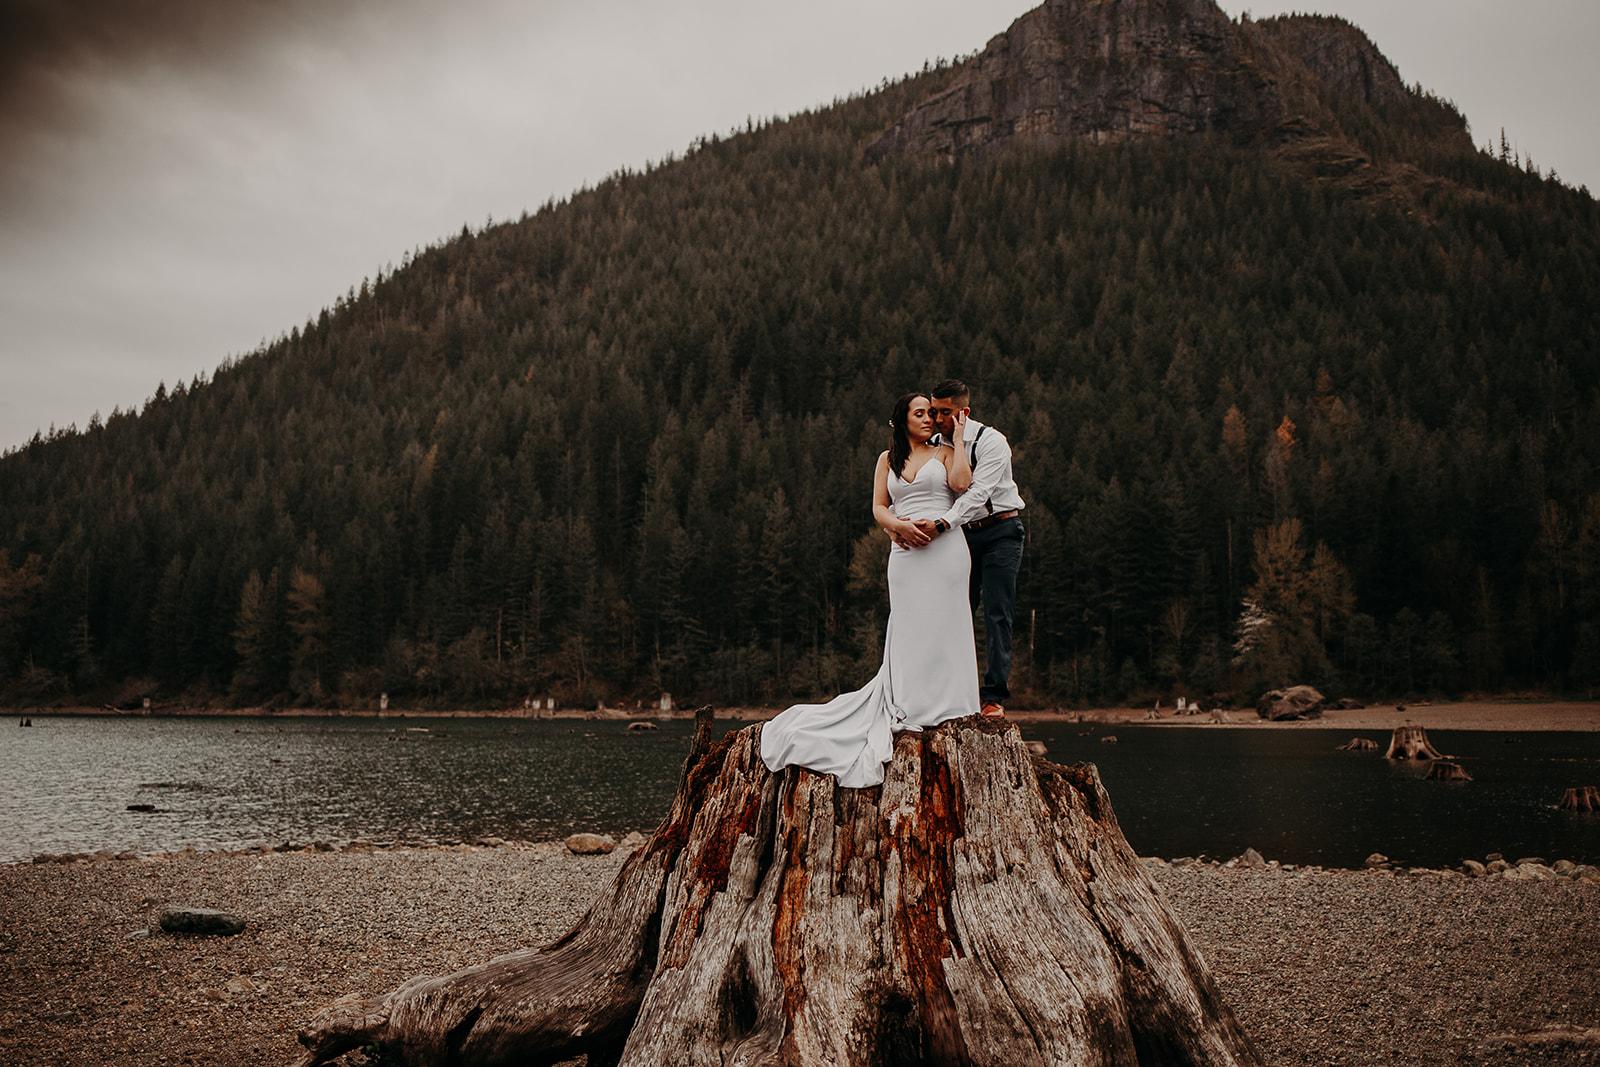 winter-mountain-elopement-asheville-wedding-photographer-megan-gallagher-photographer (78).jpg